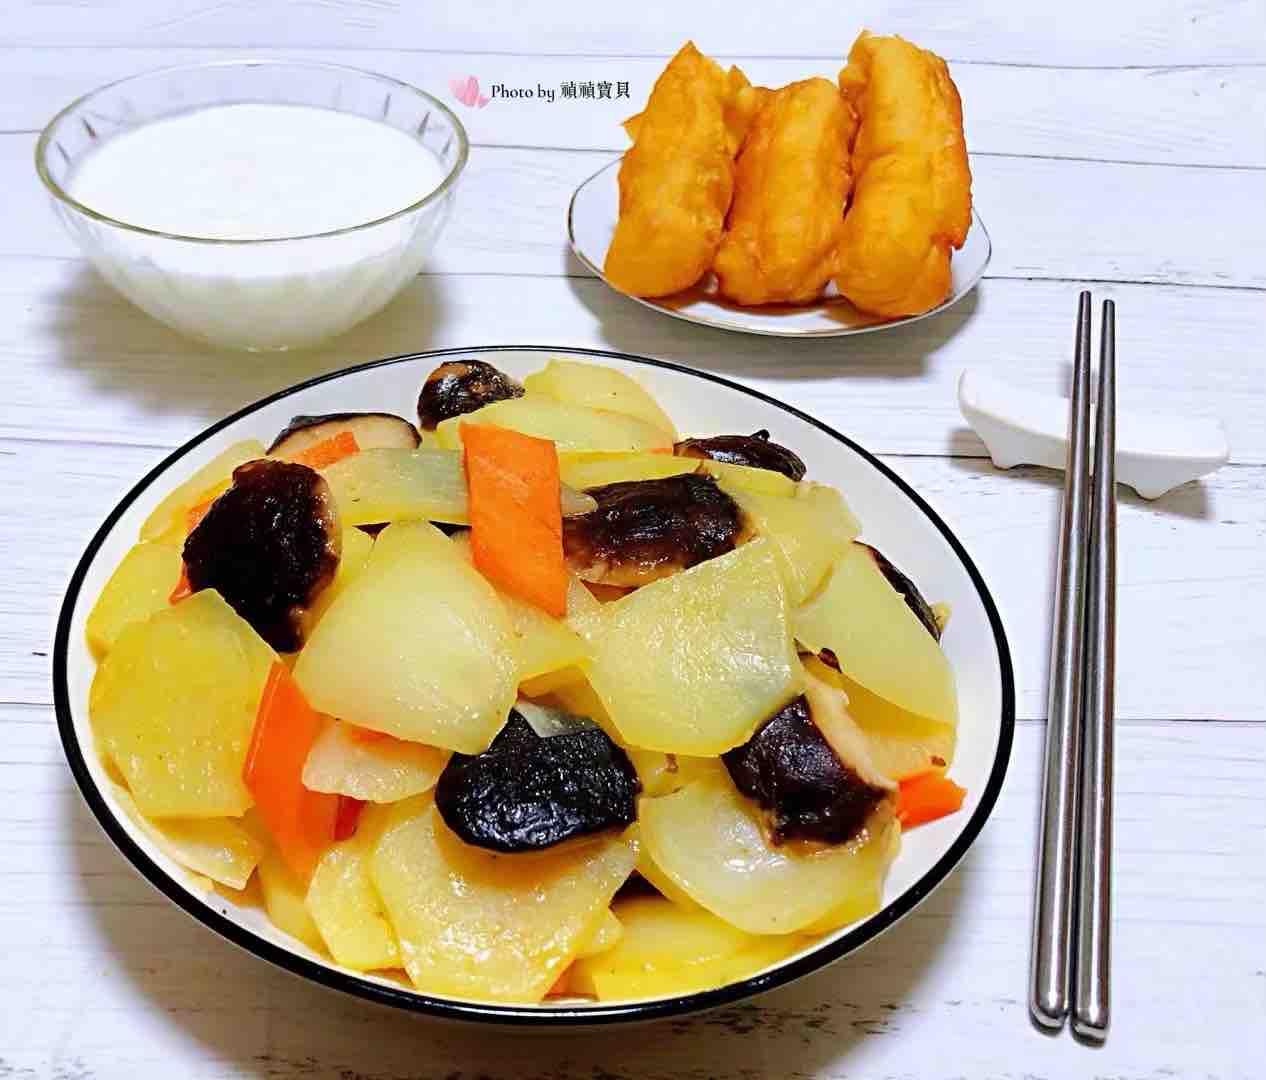 洋葱香菇胡萝卜炒土豆片怎样做